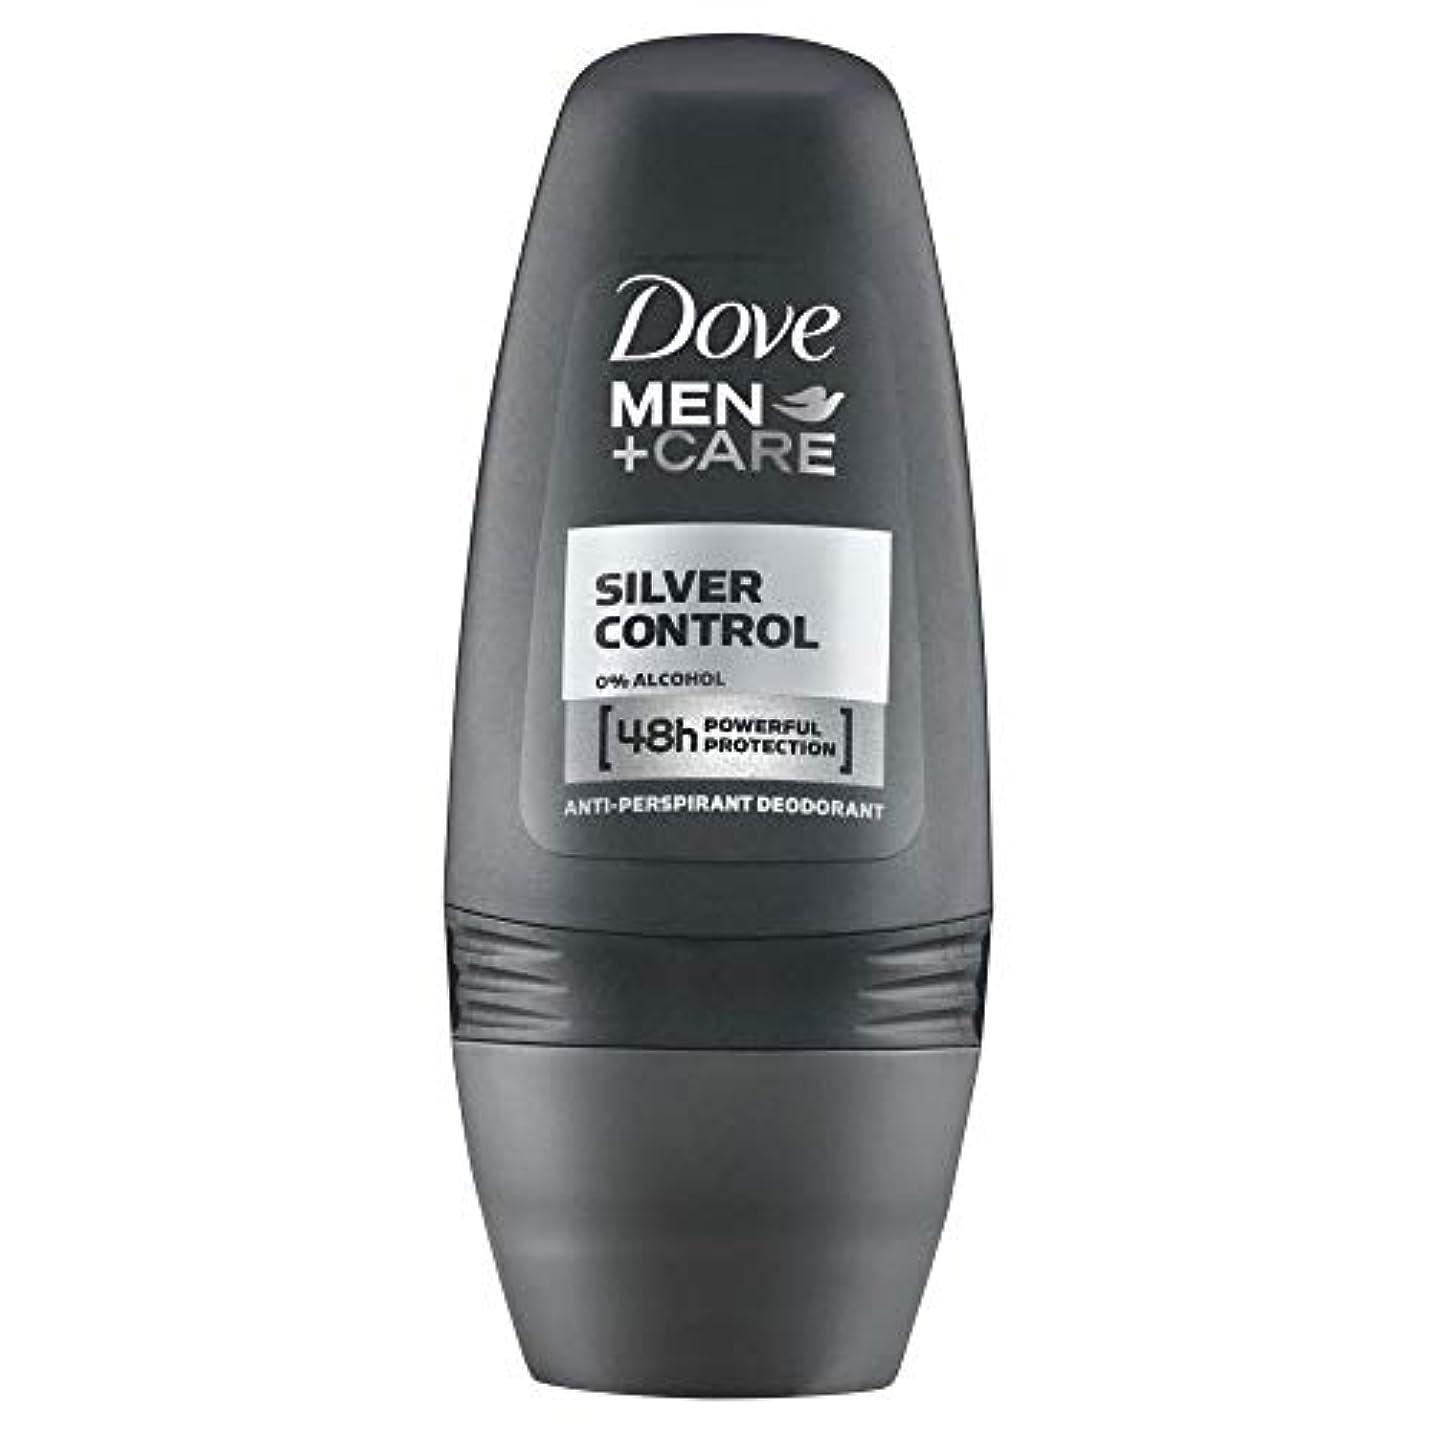 情報壊す禁じる[Dove ] 消臭にロール銀制御抗制汗ケア+鳩の男性(50ミリリットル) - Dove Men + Care Silver Control Anti Perspirant Roll-on Deodorant (50ml...